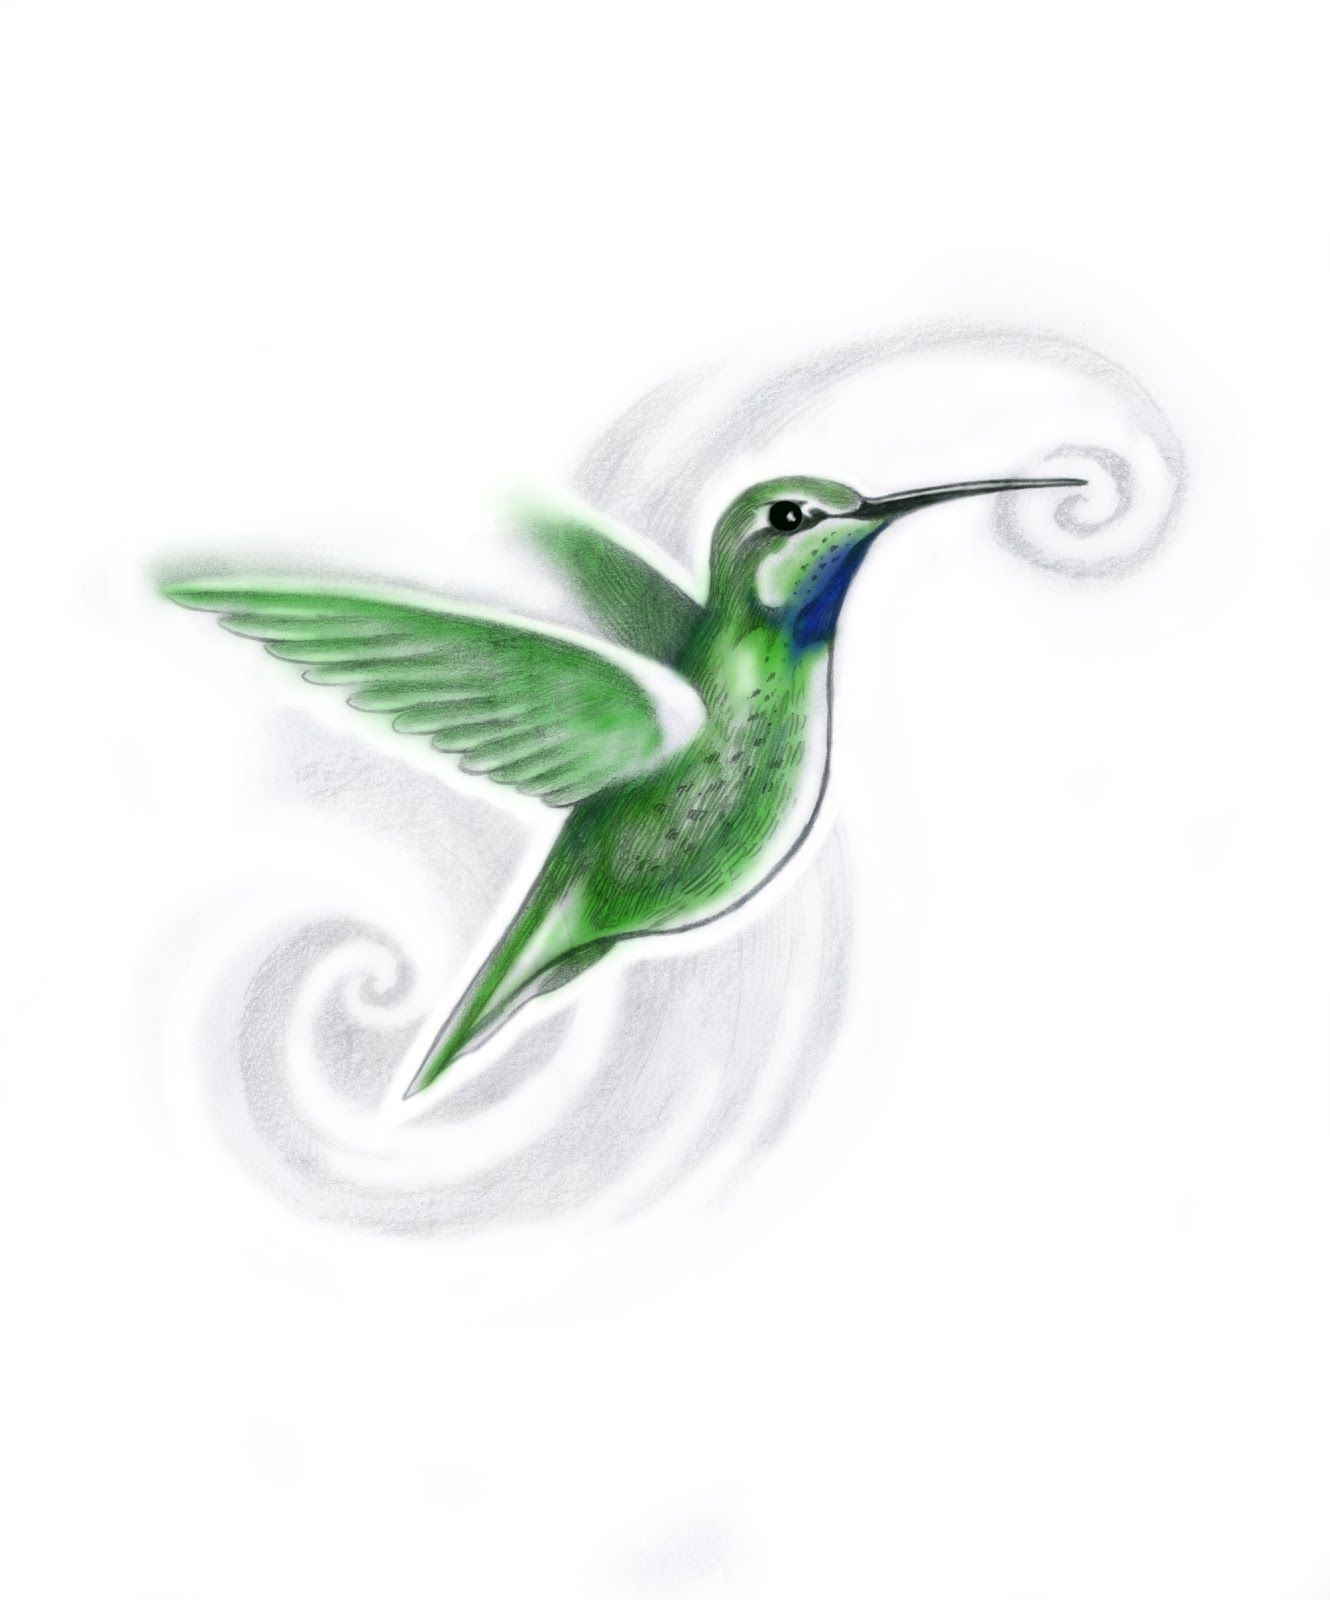 De colibri en la espalda significado tatuaje colibri tatuaje tattoo - Hummingbird Tattoo Tatuajesinfinitodibujospinturatatuaje Peque O Colibr Tatuajes De